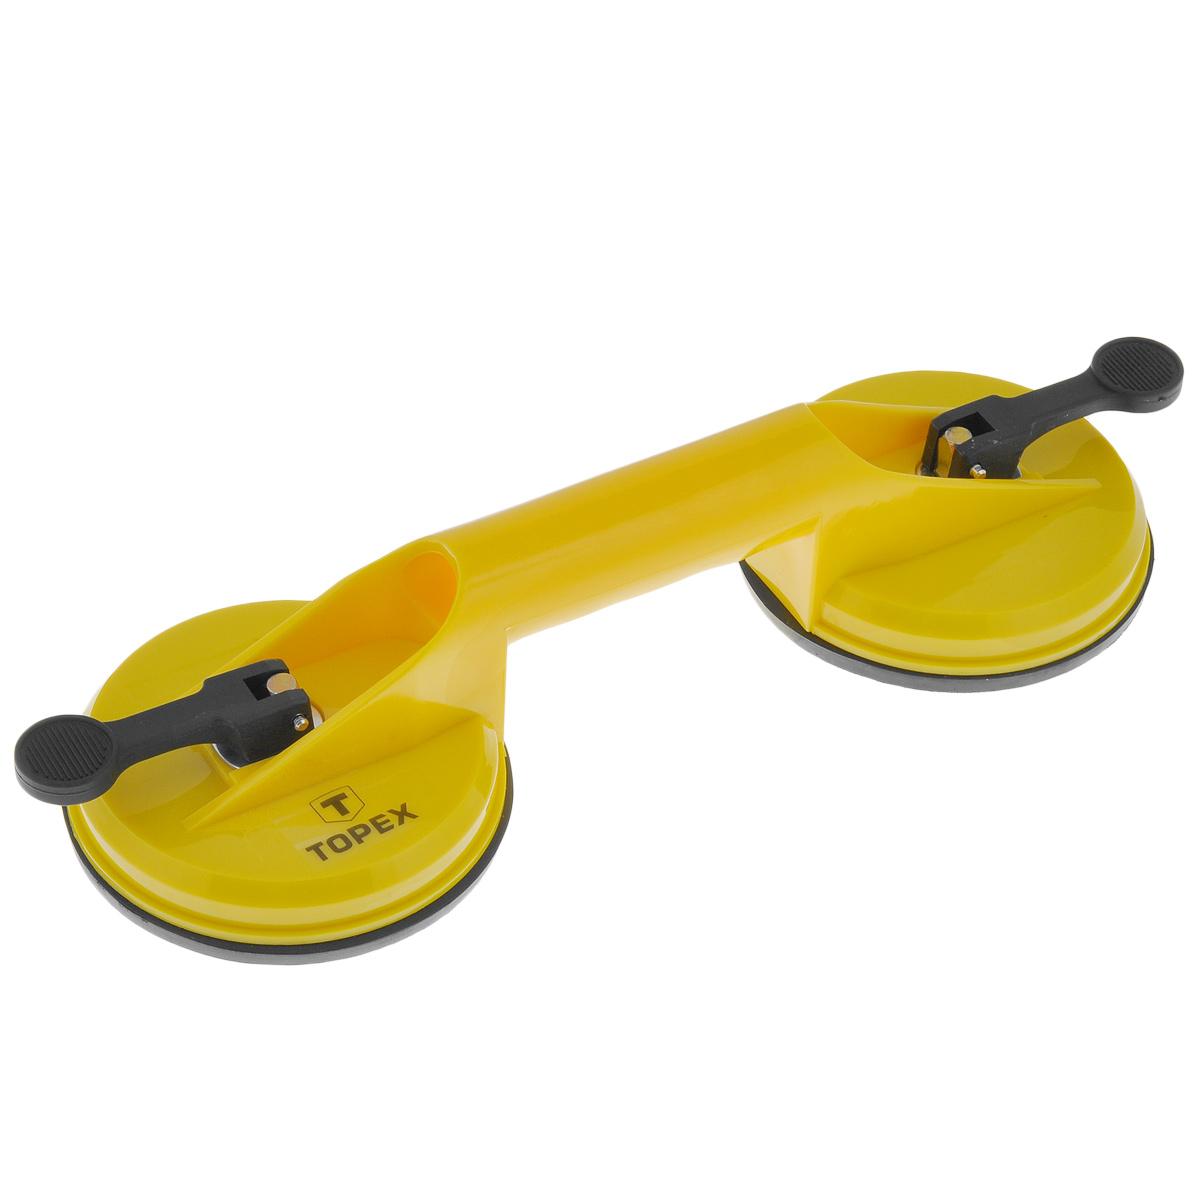 Стеклодомкрат Topex, цвет: желтый, черный, 80 кг14A780Стеклодомкрат предназначен для переноски тяжелых предметов, таких как стекла, зеркала, дверные полотна, элементы окон, напольные плиты. Идеально подходит для любителей. Не пригоден для профессиональных работ! Материал: пластик, металл. Диаметр присоски: 11,5 см. Общий размер ручки-присоски: 32 см х 11,5 см х 9 см. Максимальная нагрузка: 80 кг.